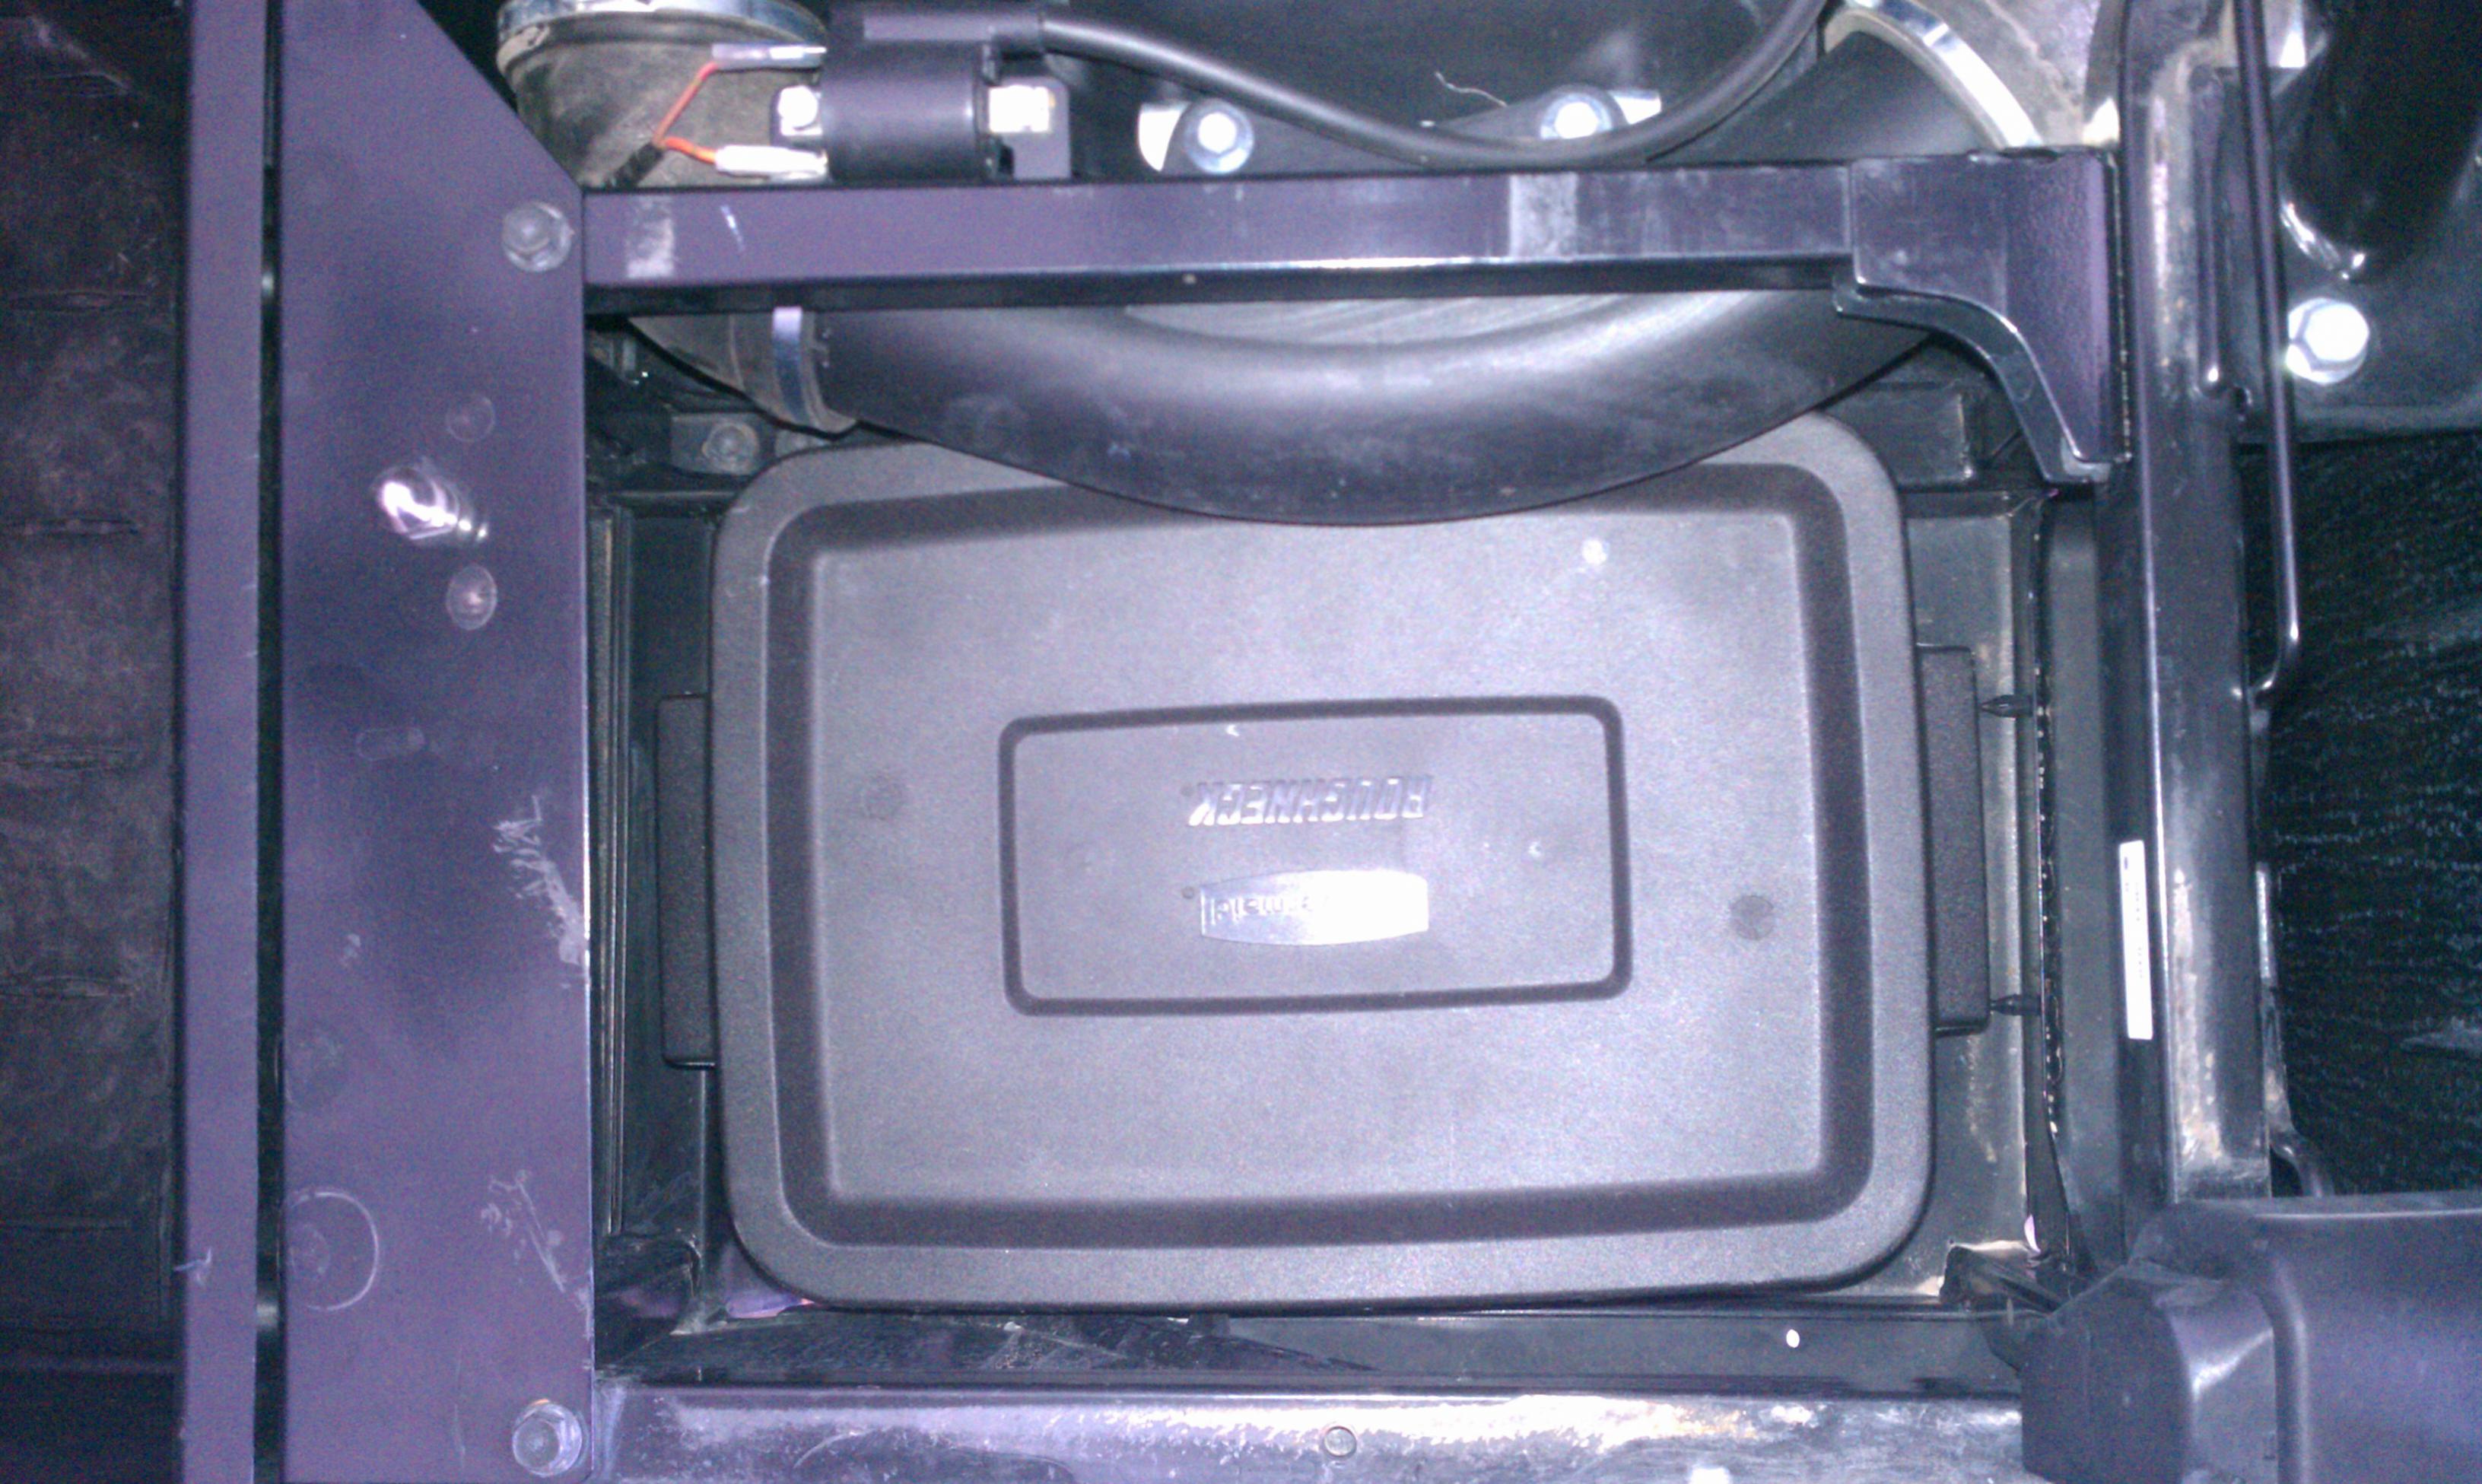 Under Seat Storage Under -imag0196.jpg